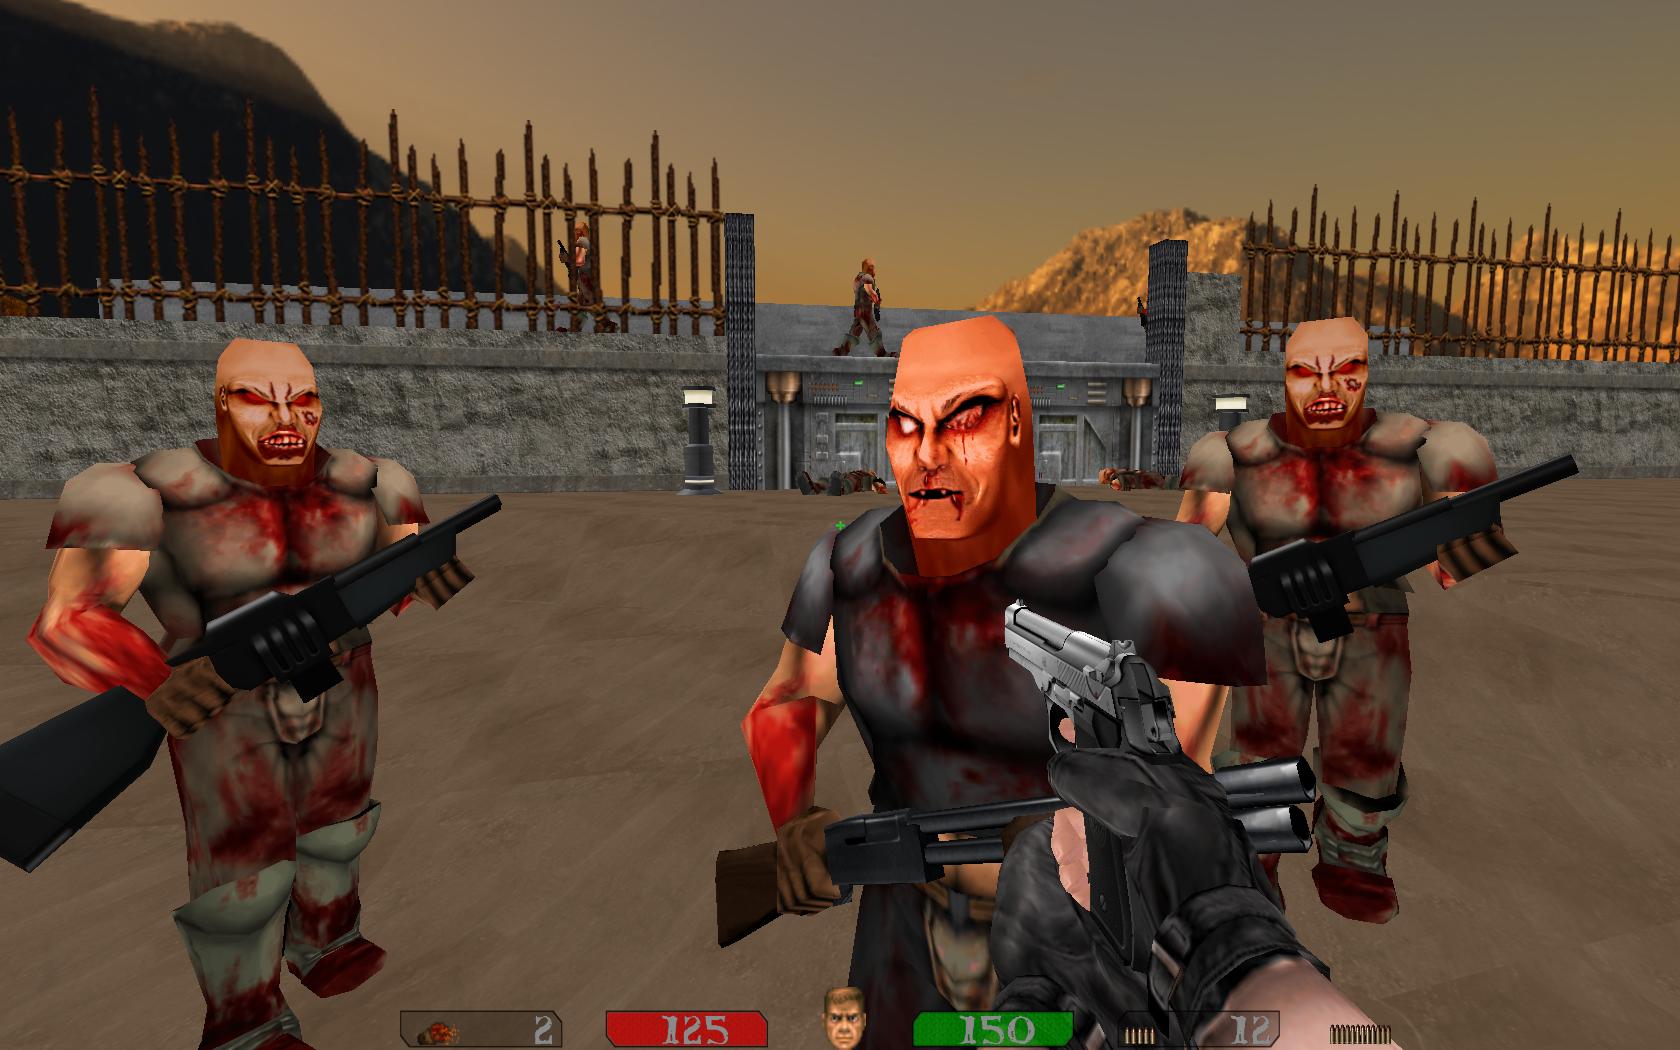 Doom 3d online sex mod hentay scene